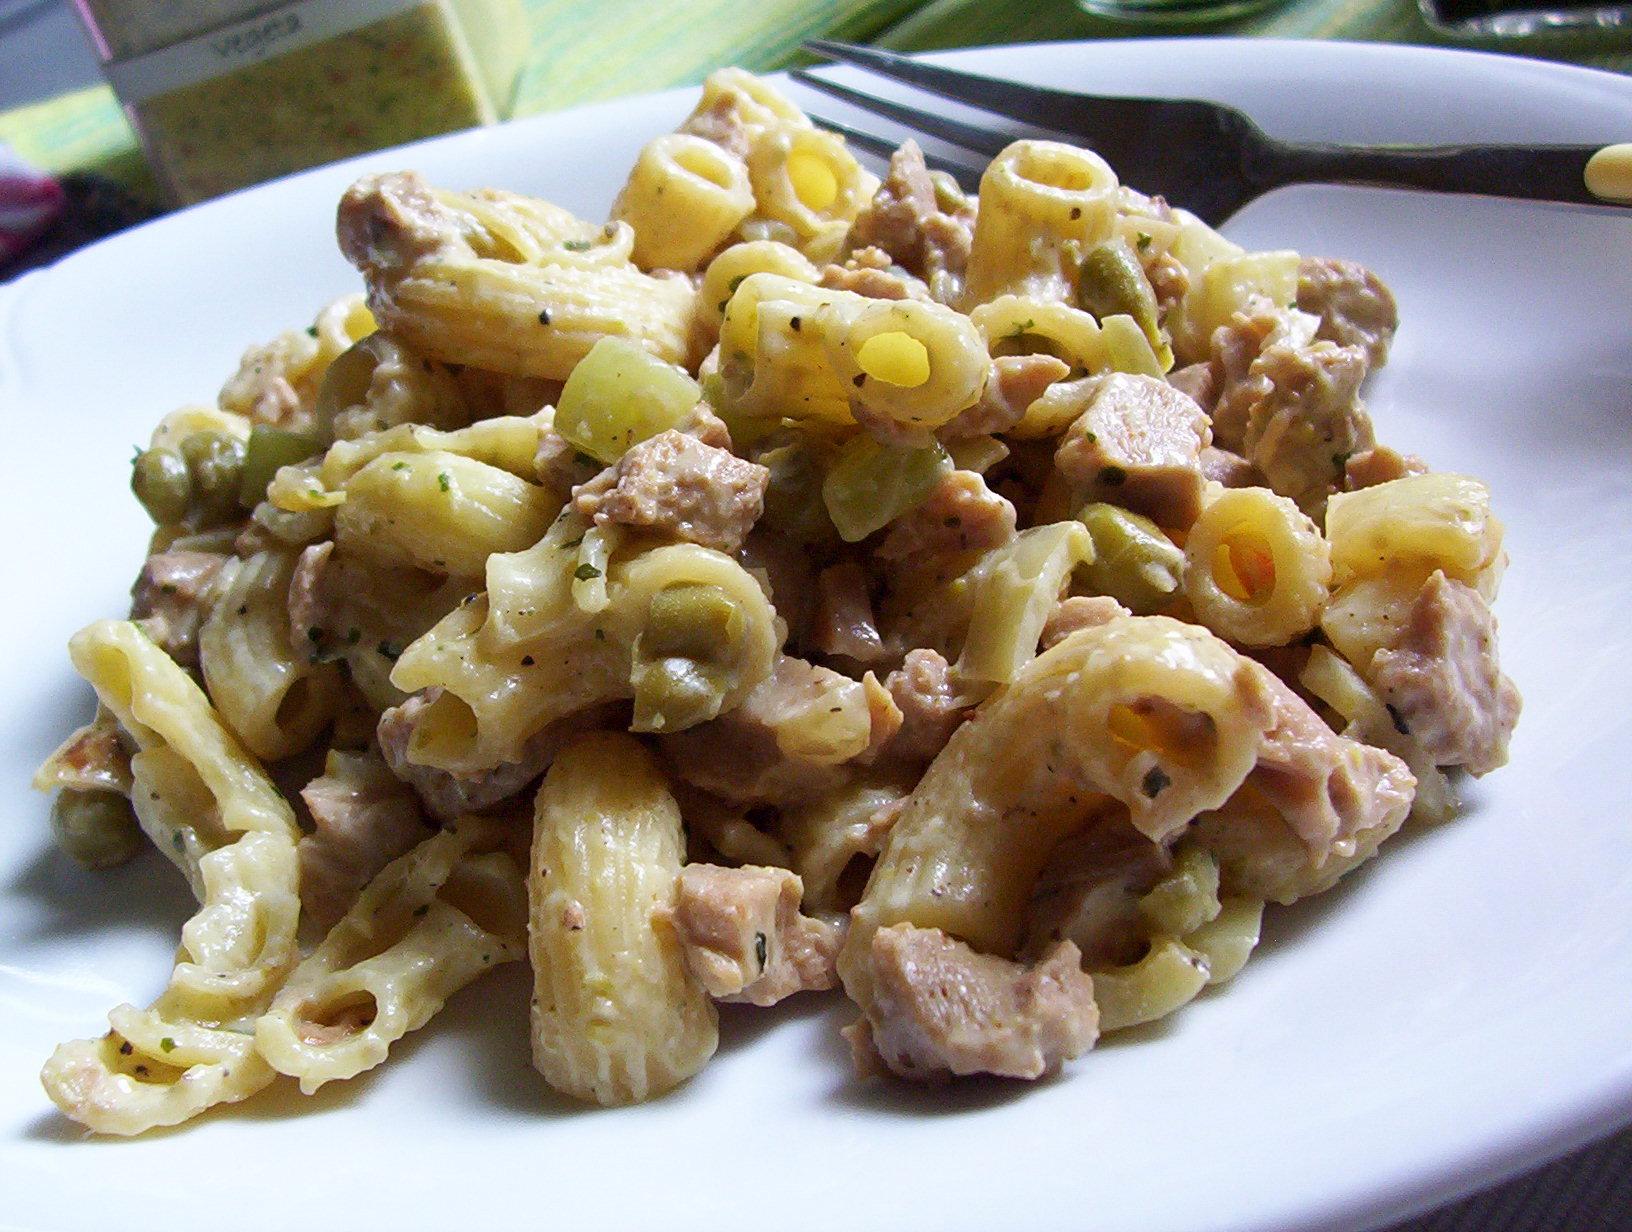 Fotografie receptu: Těstovinový salát se sójou a zeleninou